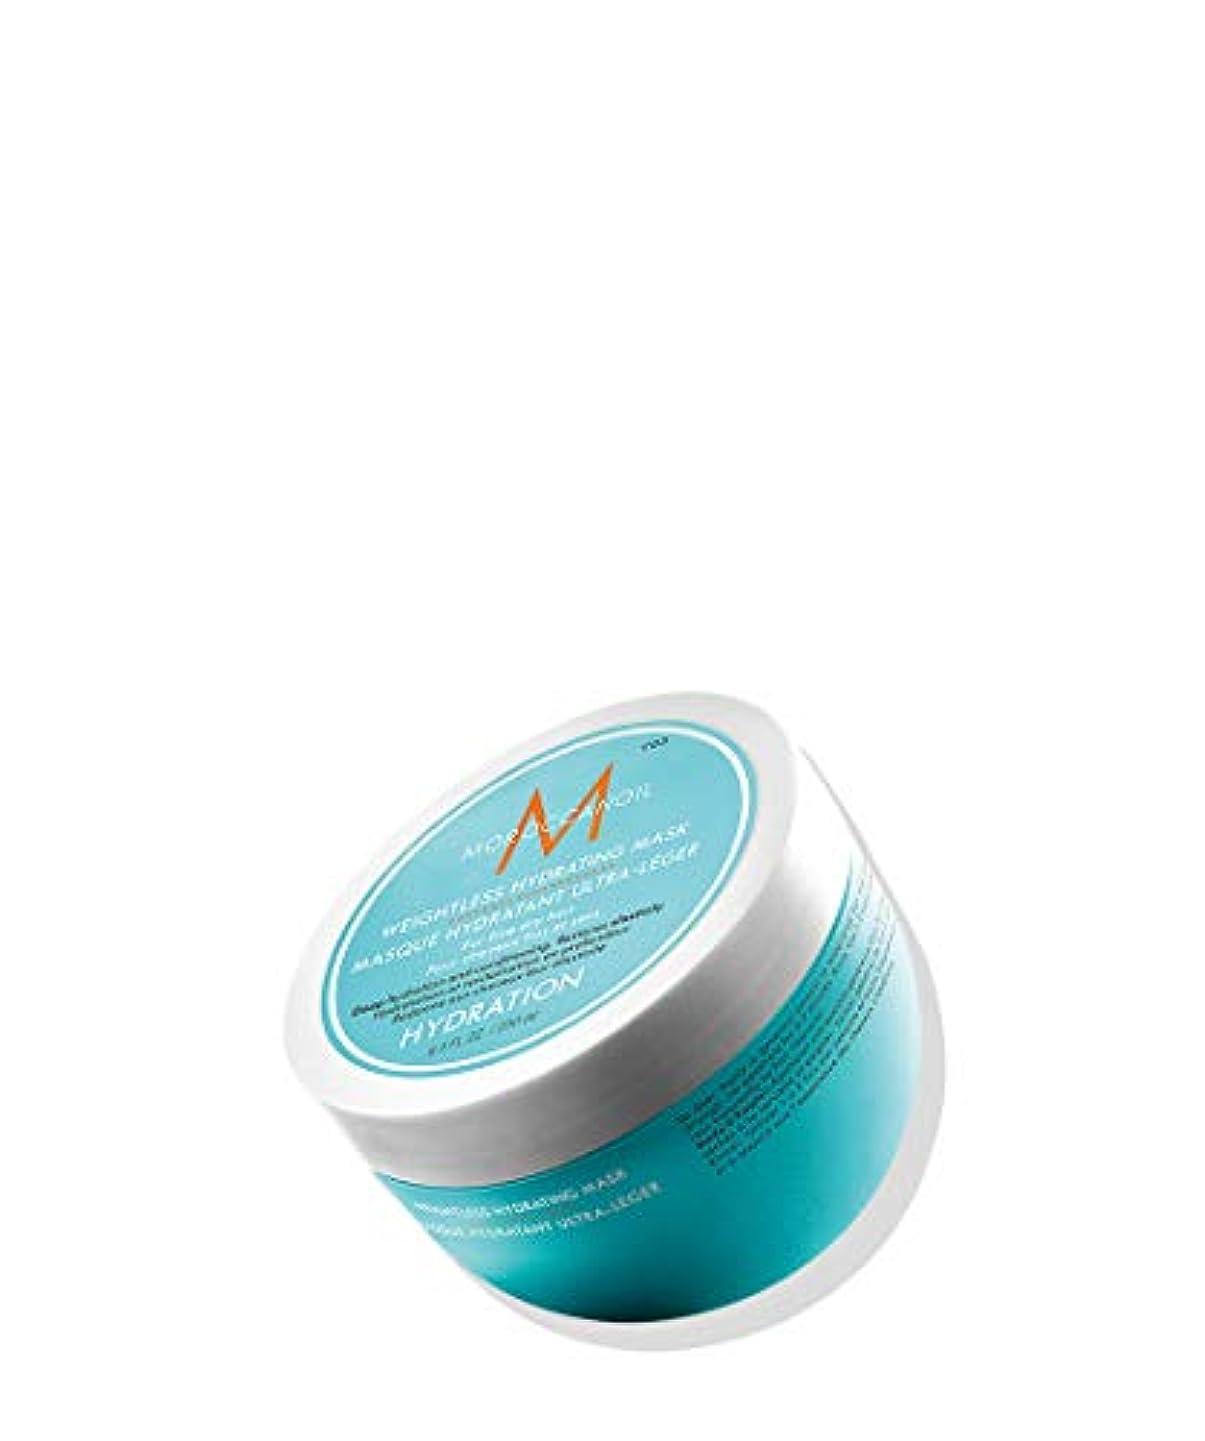 同等の薬用慢性的モロッカンオイル ウェイトレス ハイドレーティング マスク 250ml